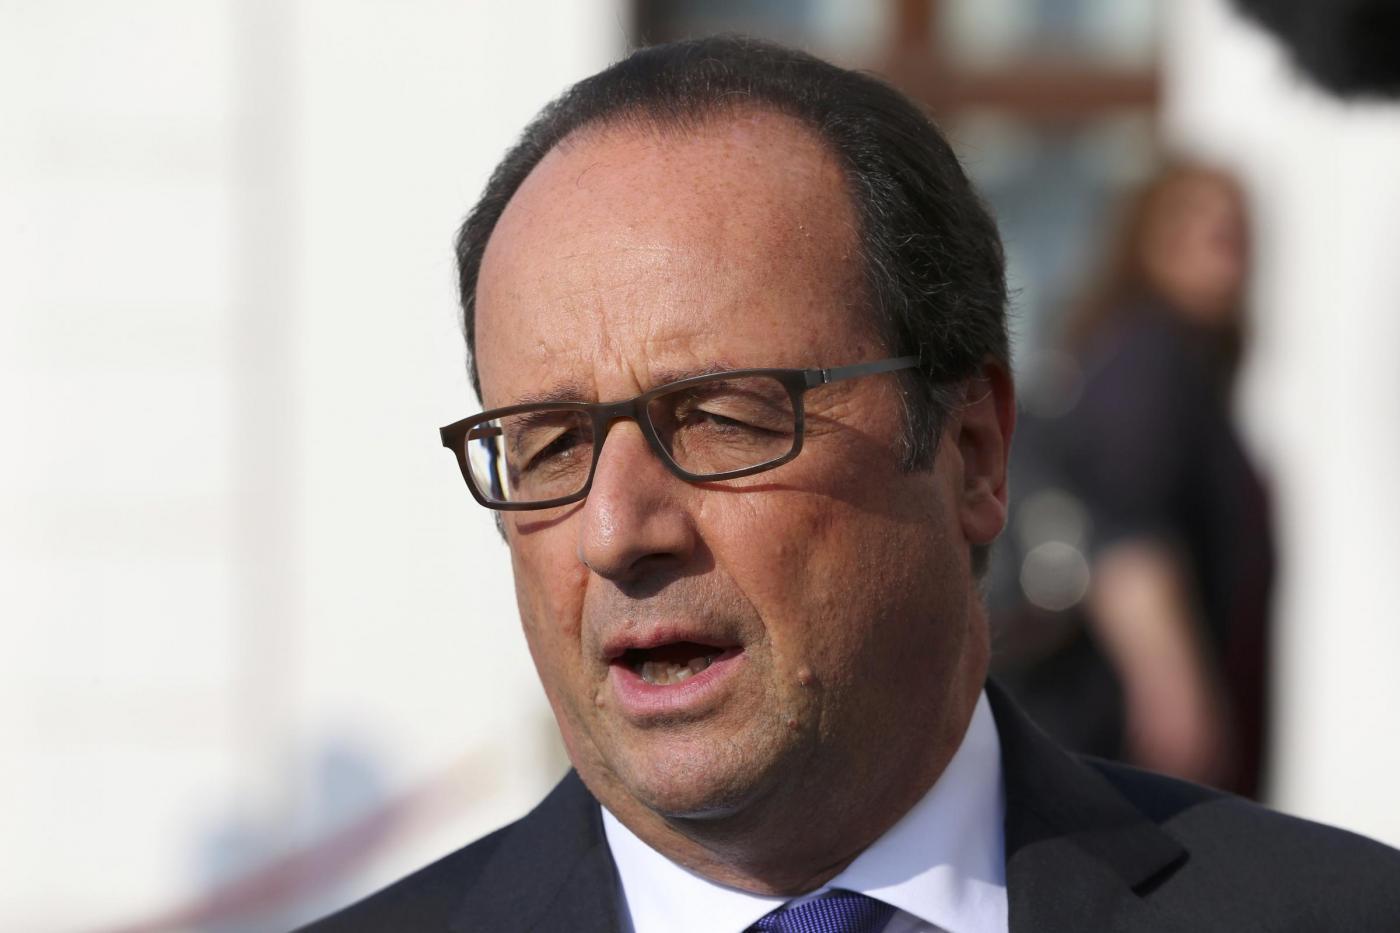 Hollande a Calais: 'Il centro va chiuso, il Regno Unito faccia la sua parte'